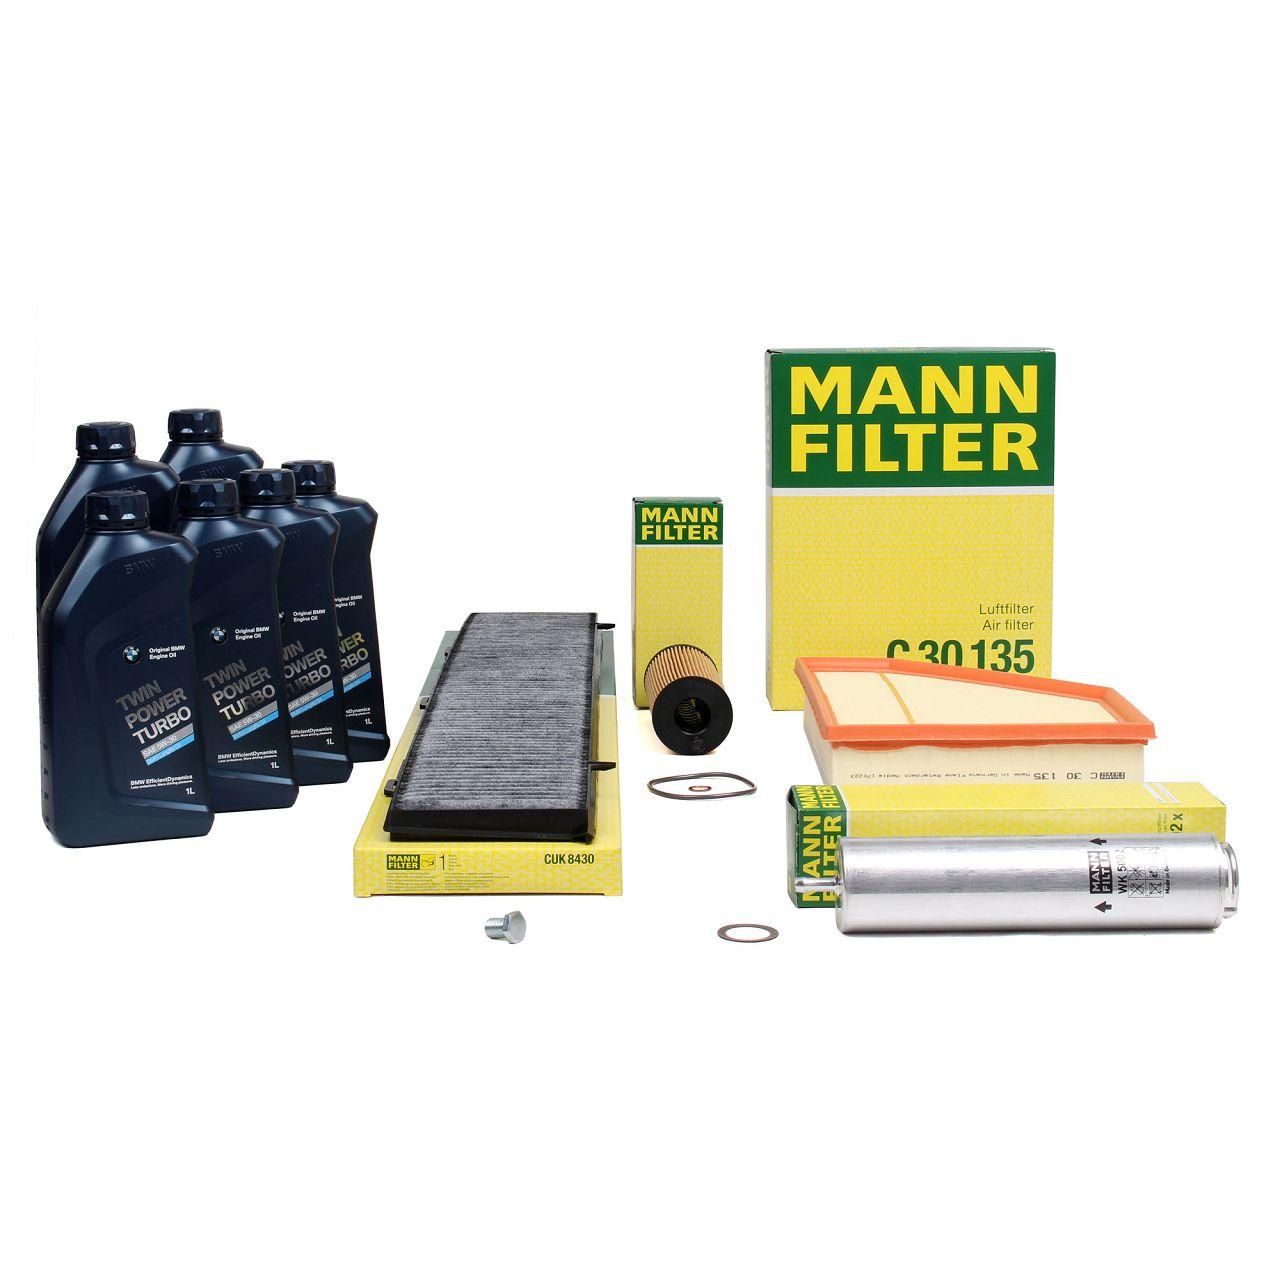 MANN Filterset + 6 L ORIGINAL BMW 5W30 Motoröl für 1er E81-88 116-123d 90-204PS